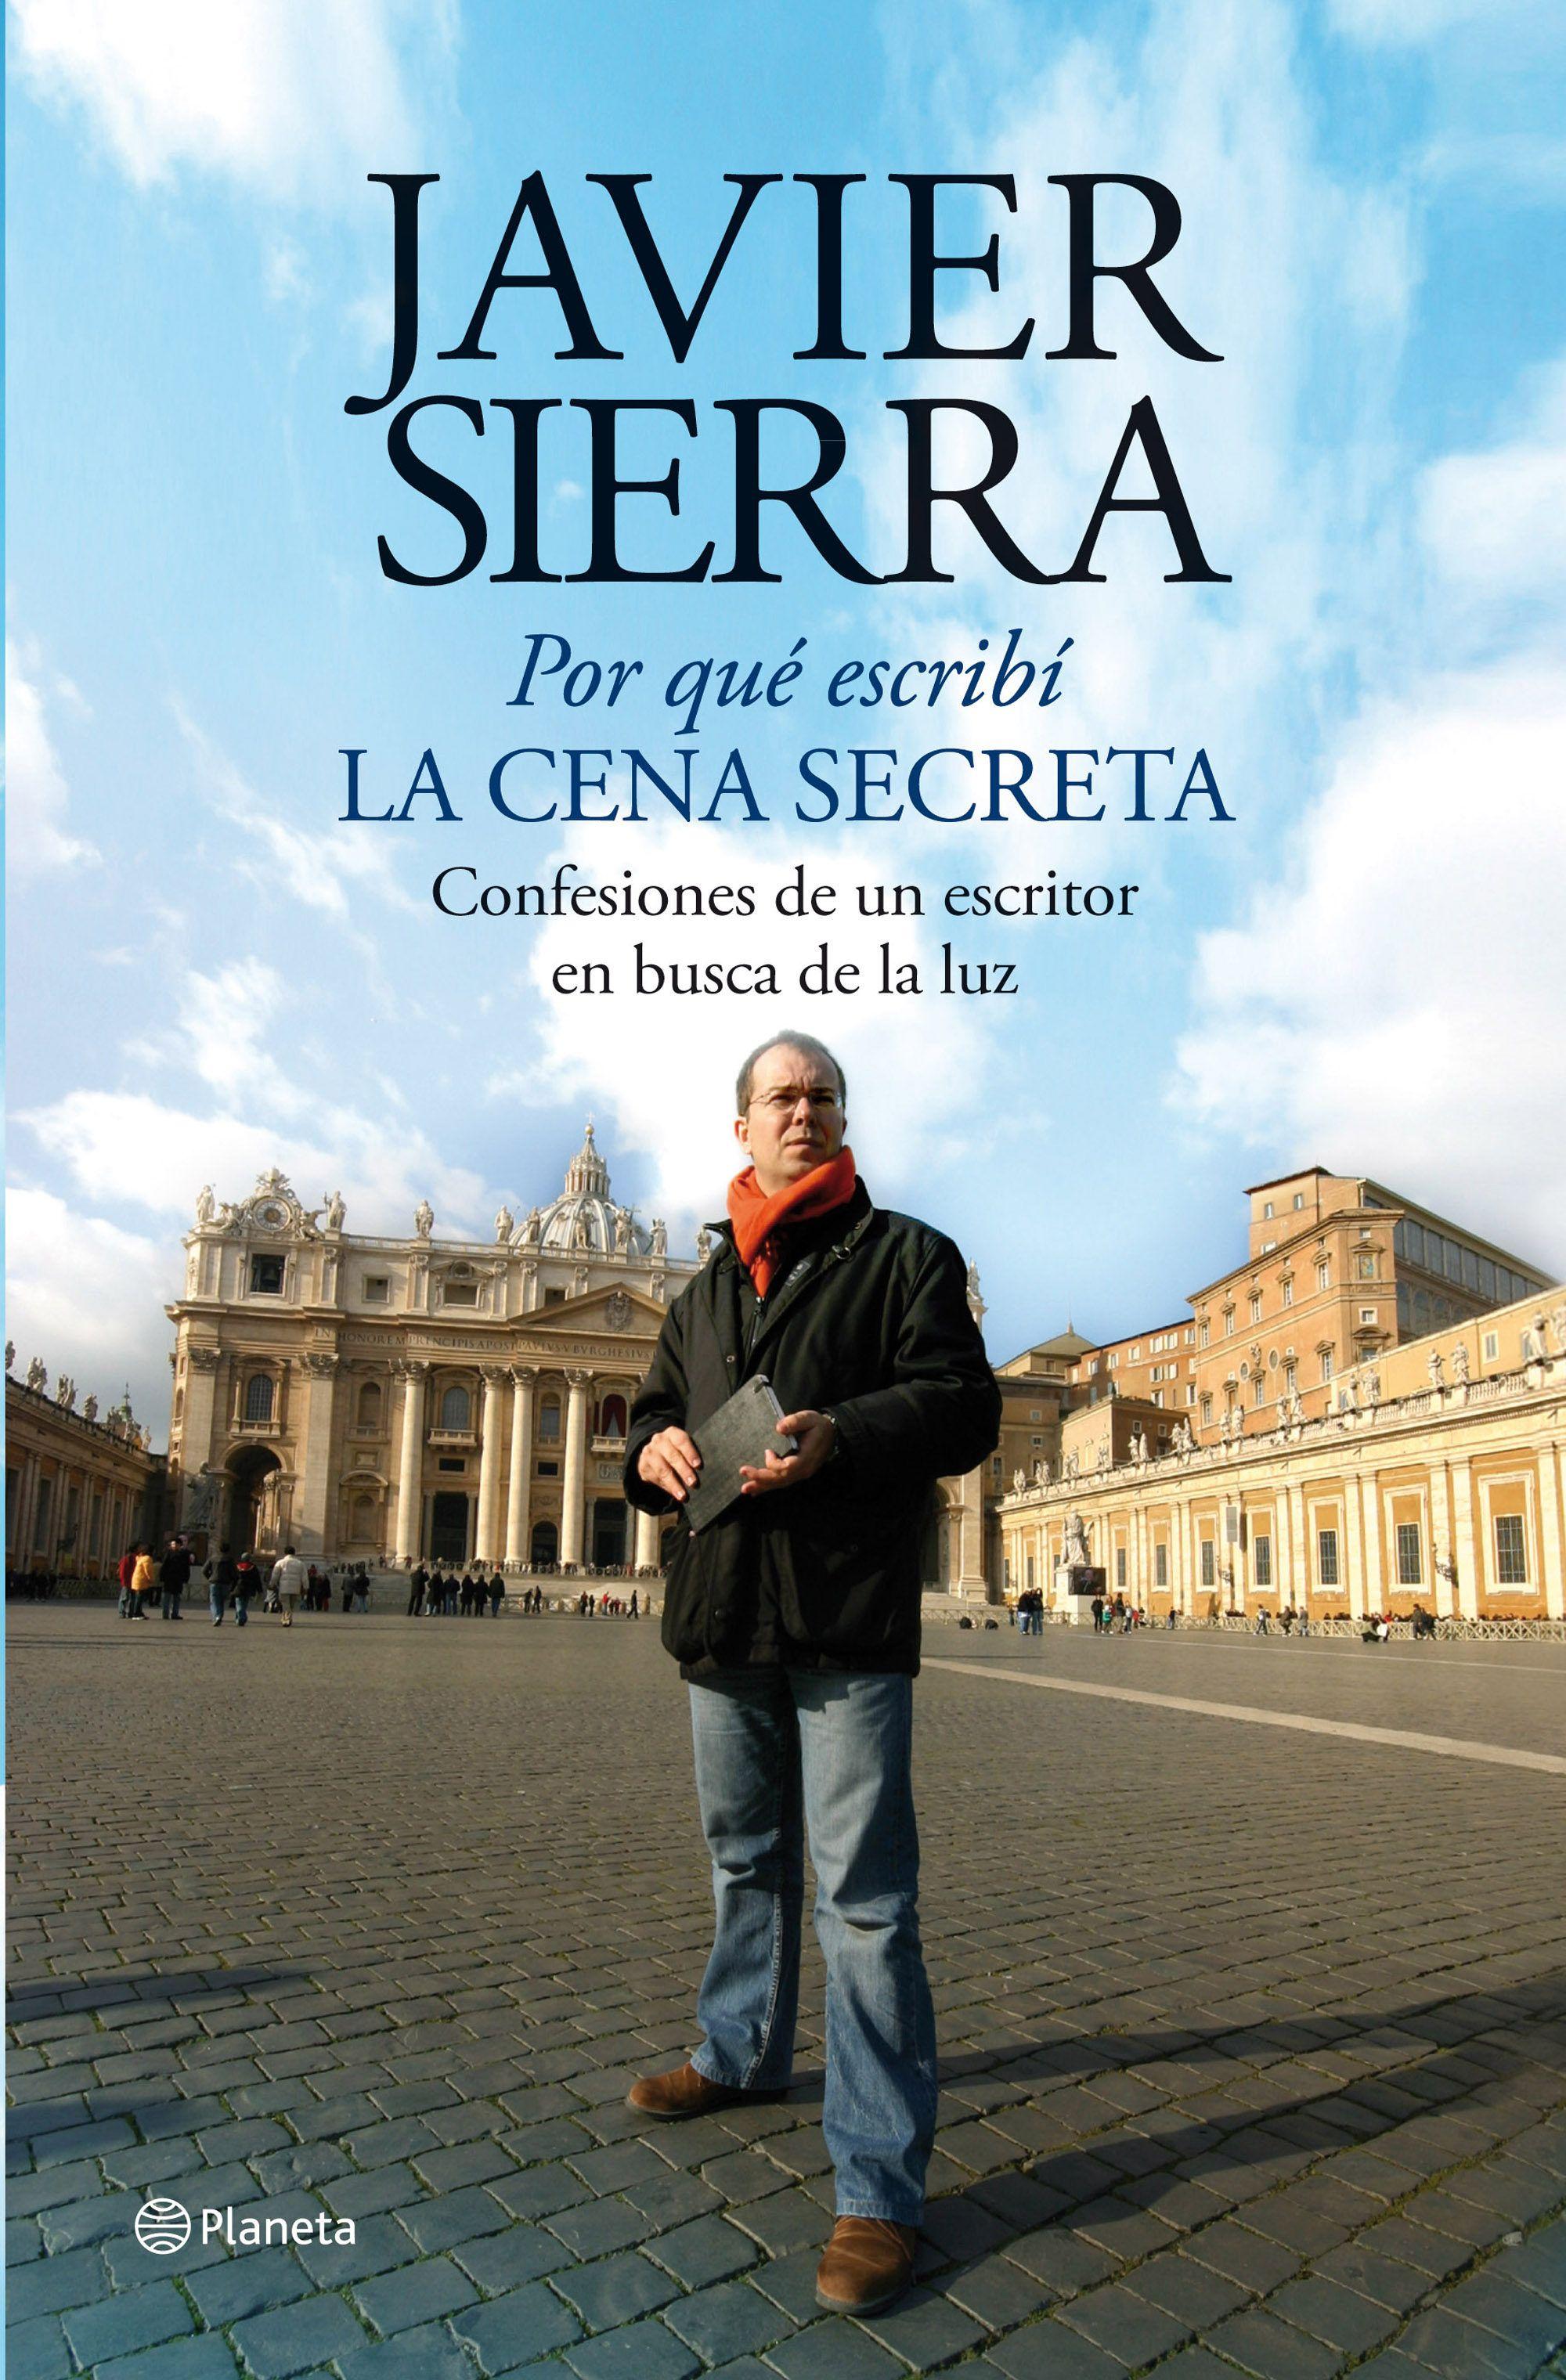 Sierra Javier Por Qué Escribí La Cena Secreta Paginas Para Leer Libros Libros El Secreto